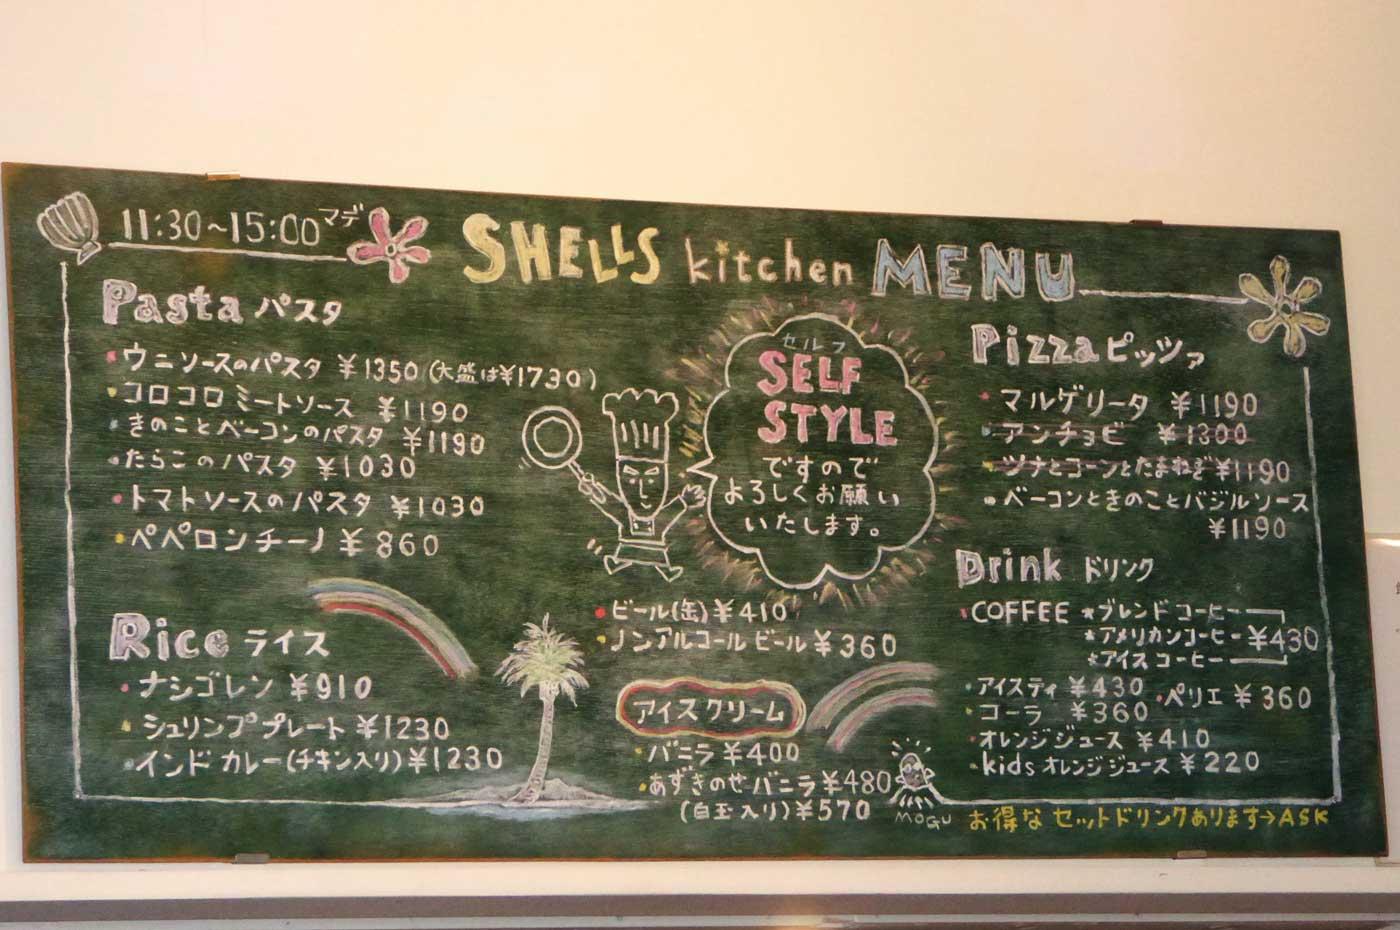 SHELS kitchenのメニューの写真